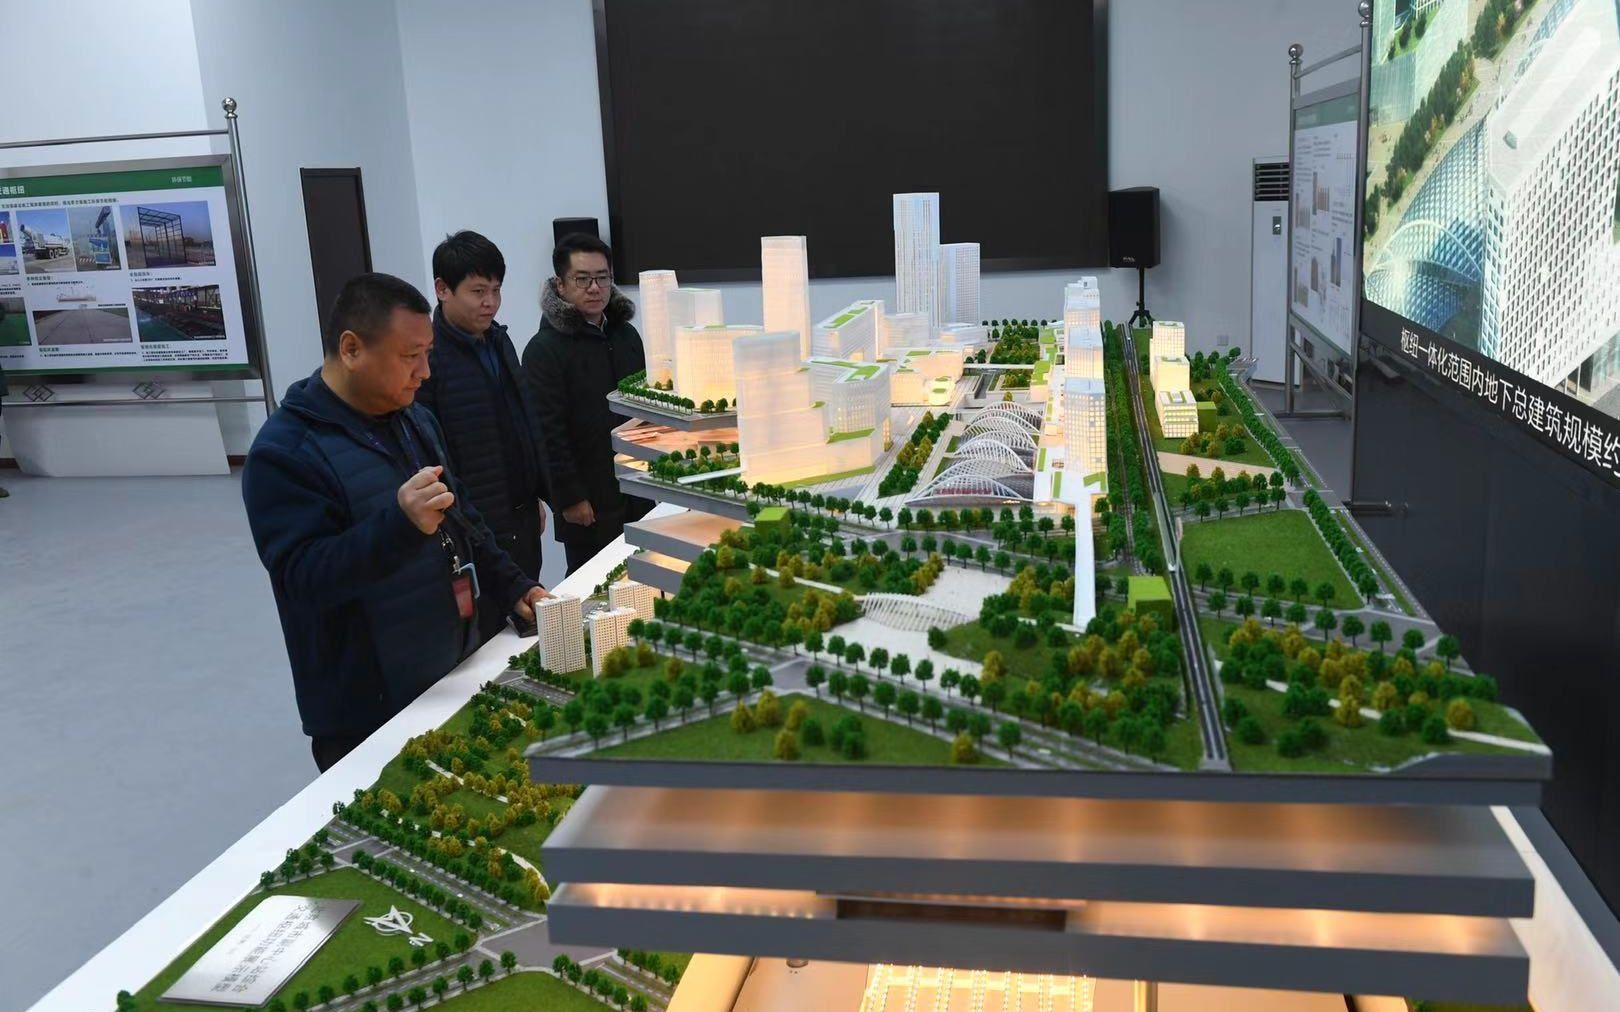 副中心枢纽站开工 将建成北京东部最大商业中心图片